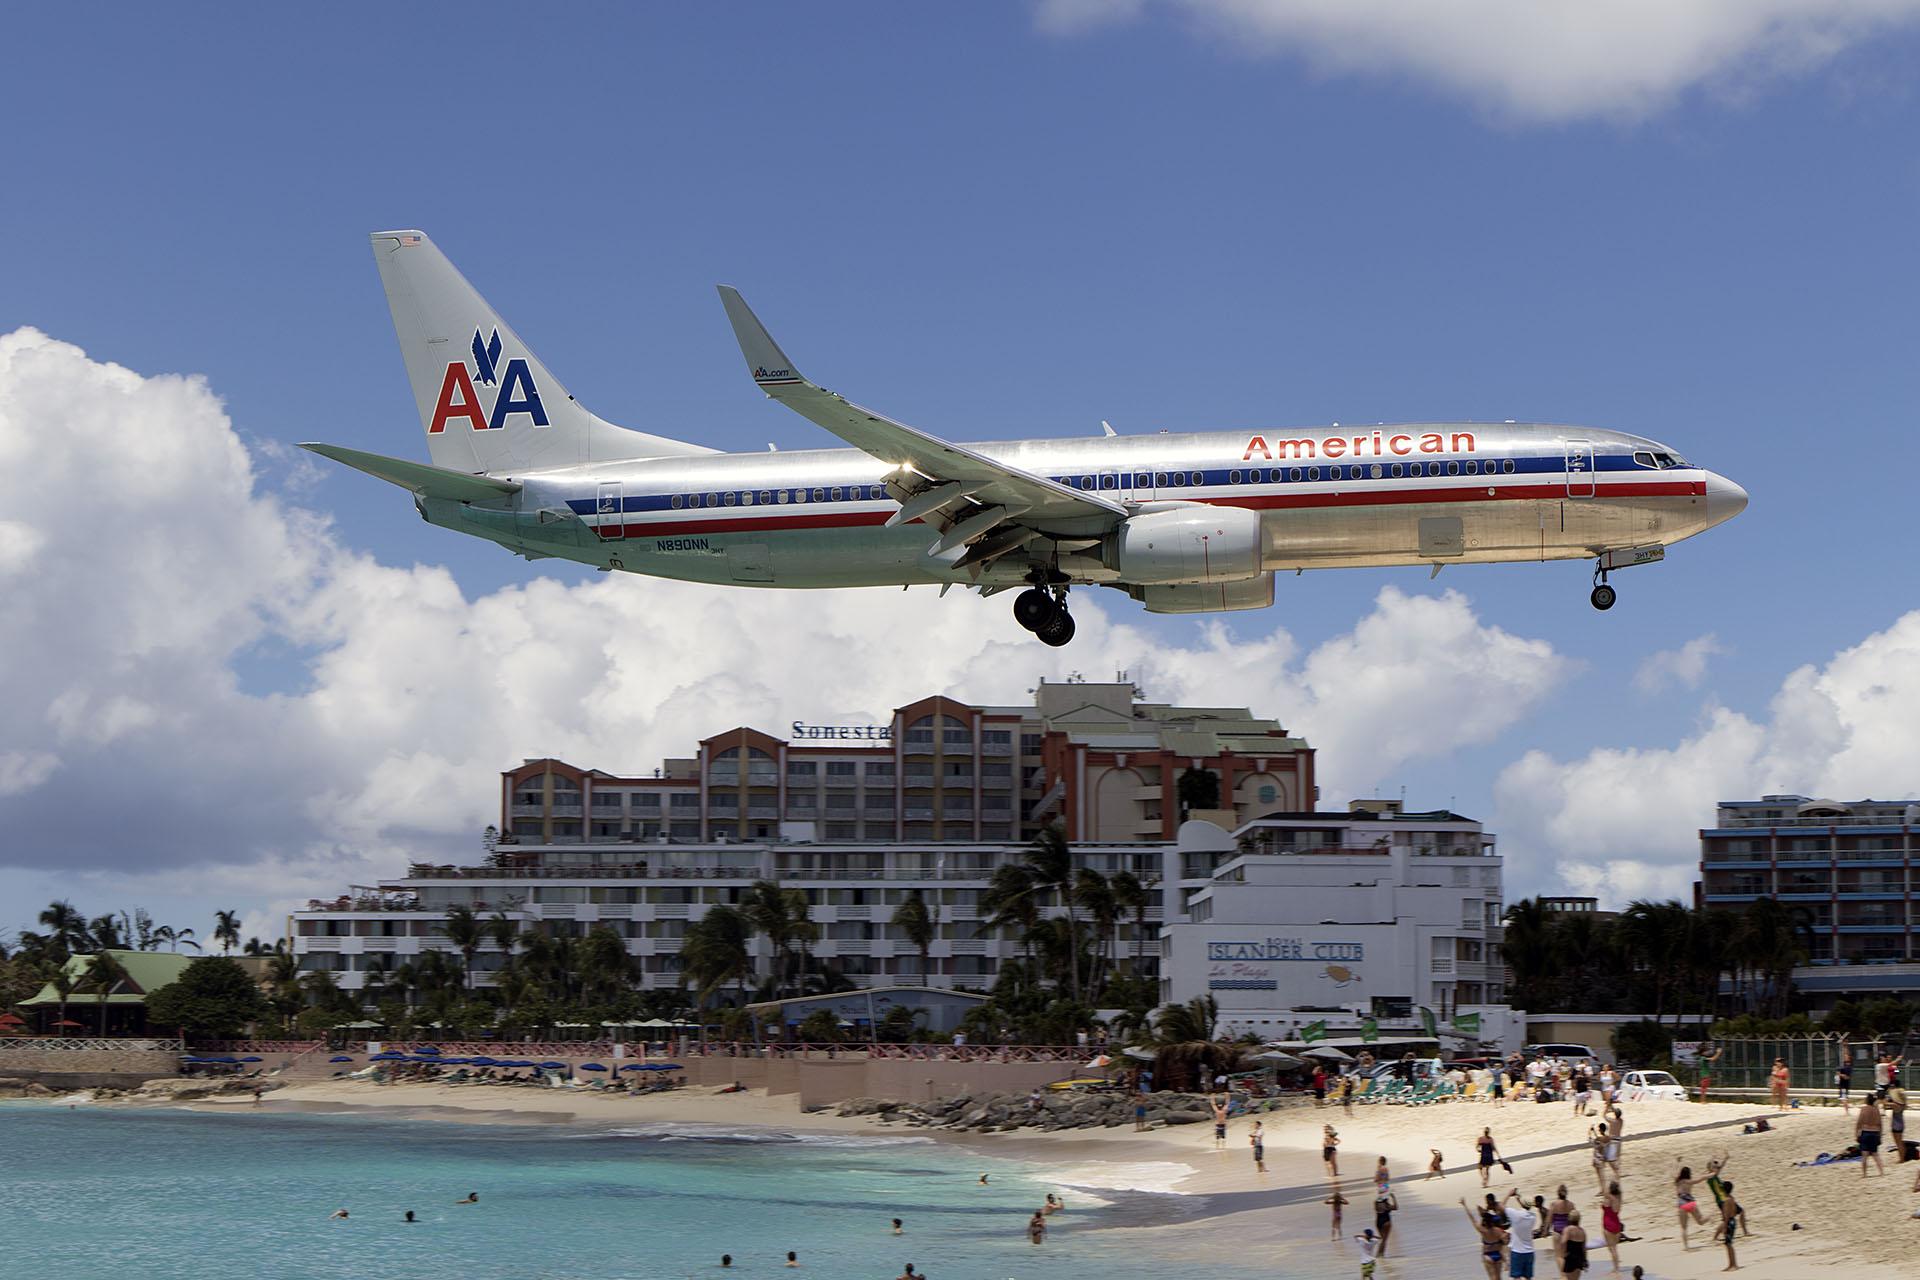 AA/AAL/アメリカン航空 AA2219 B7... AA/AAL/アメリカン航空 AA221